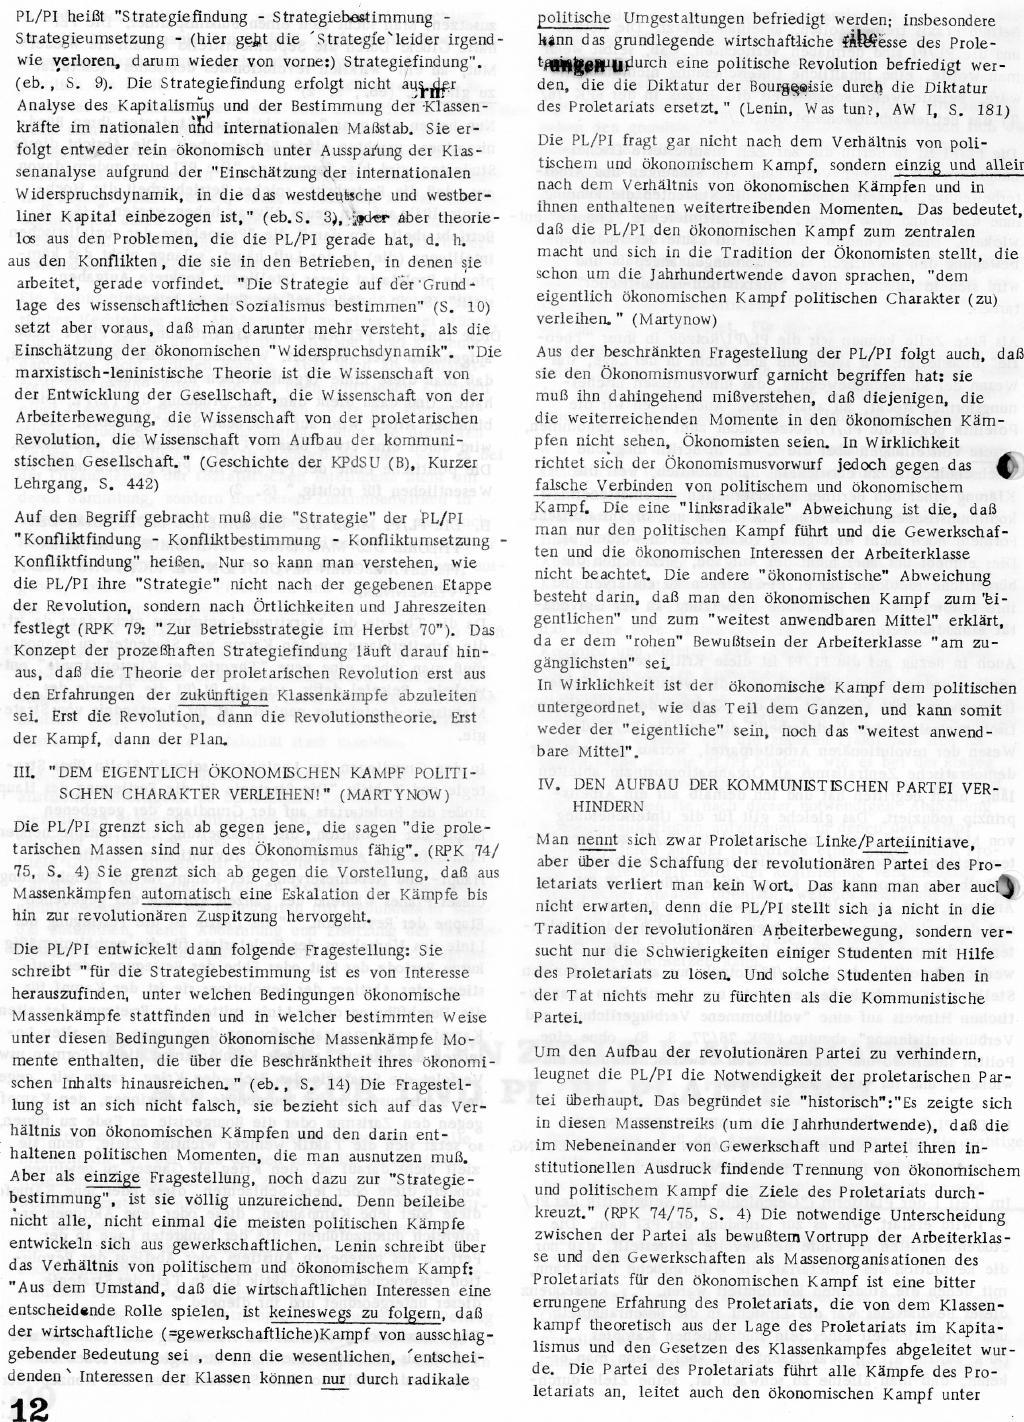 RPK_1970_084_12